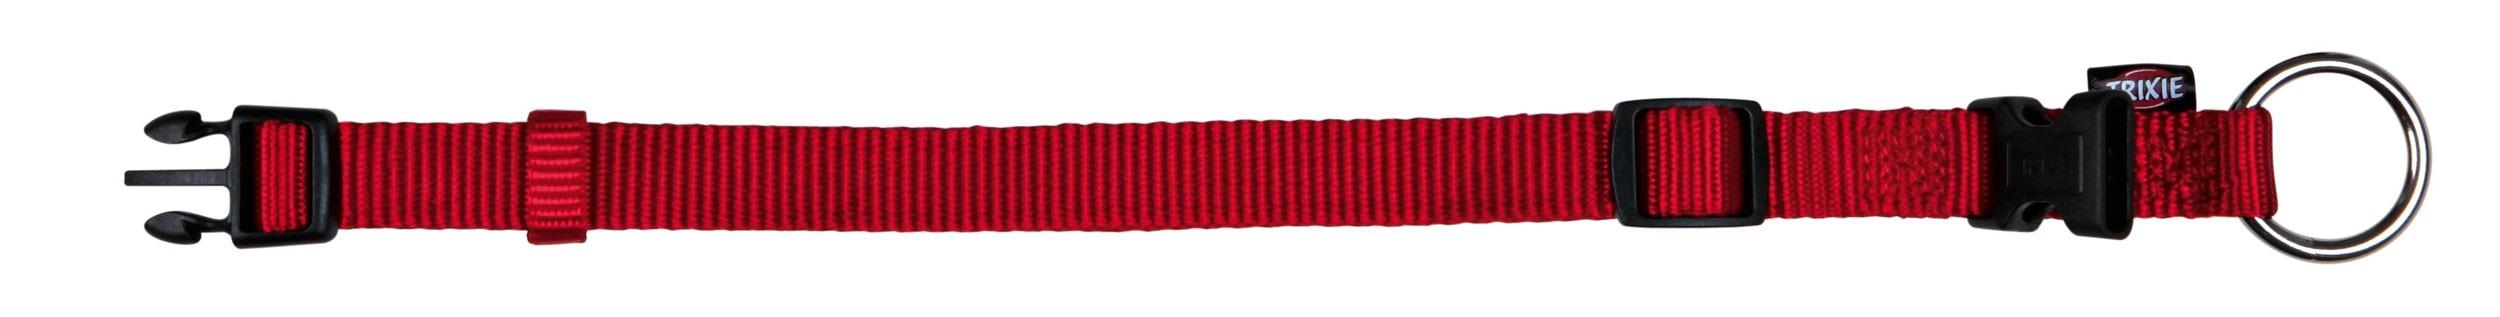 Halsband Premium verstellbar Nylon TRIXIE Größe XS-S rot Bild 1